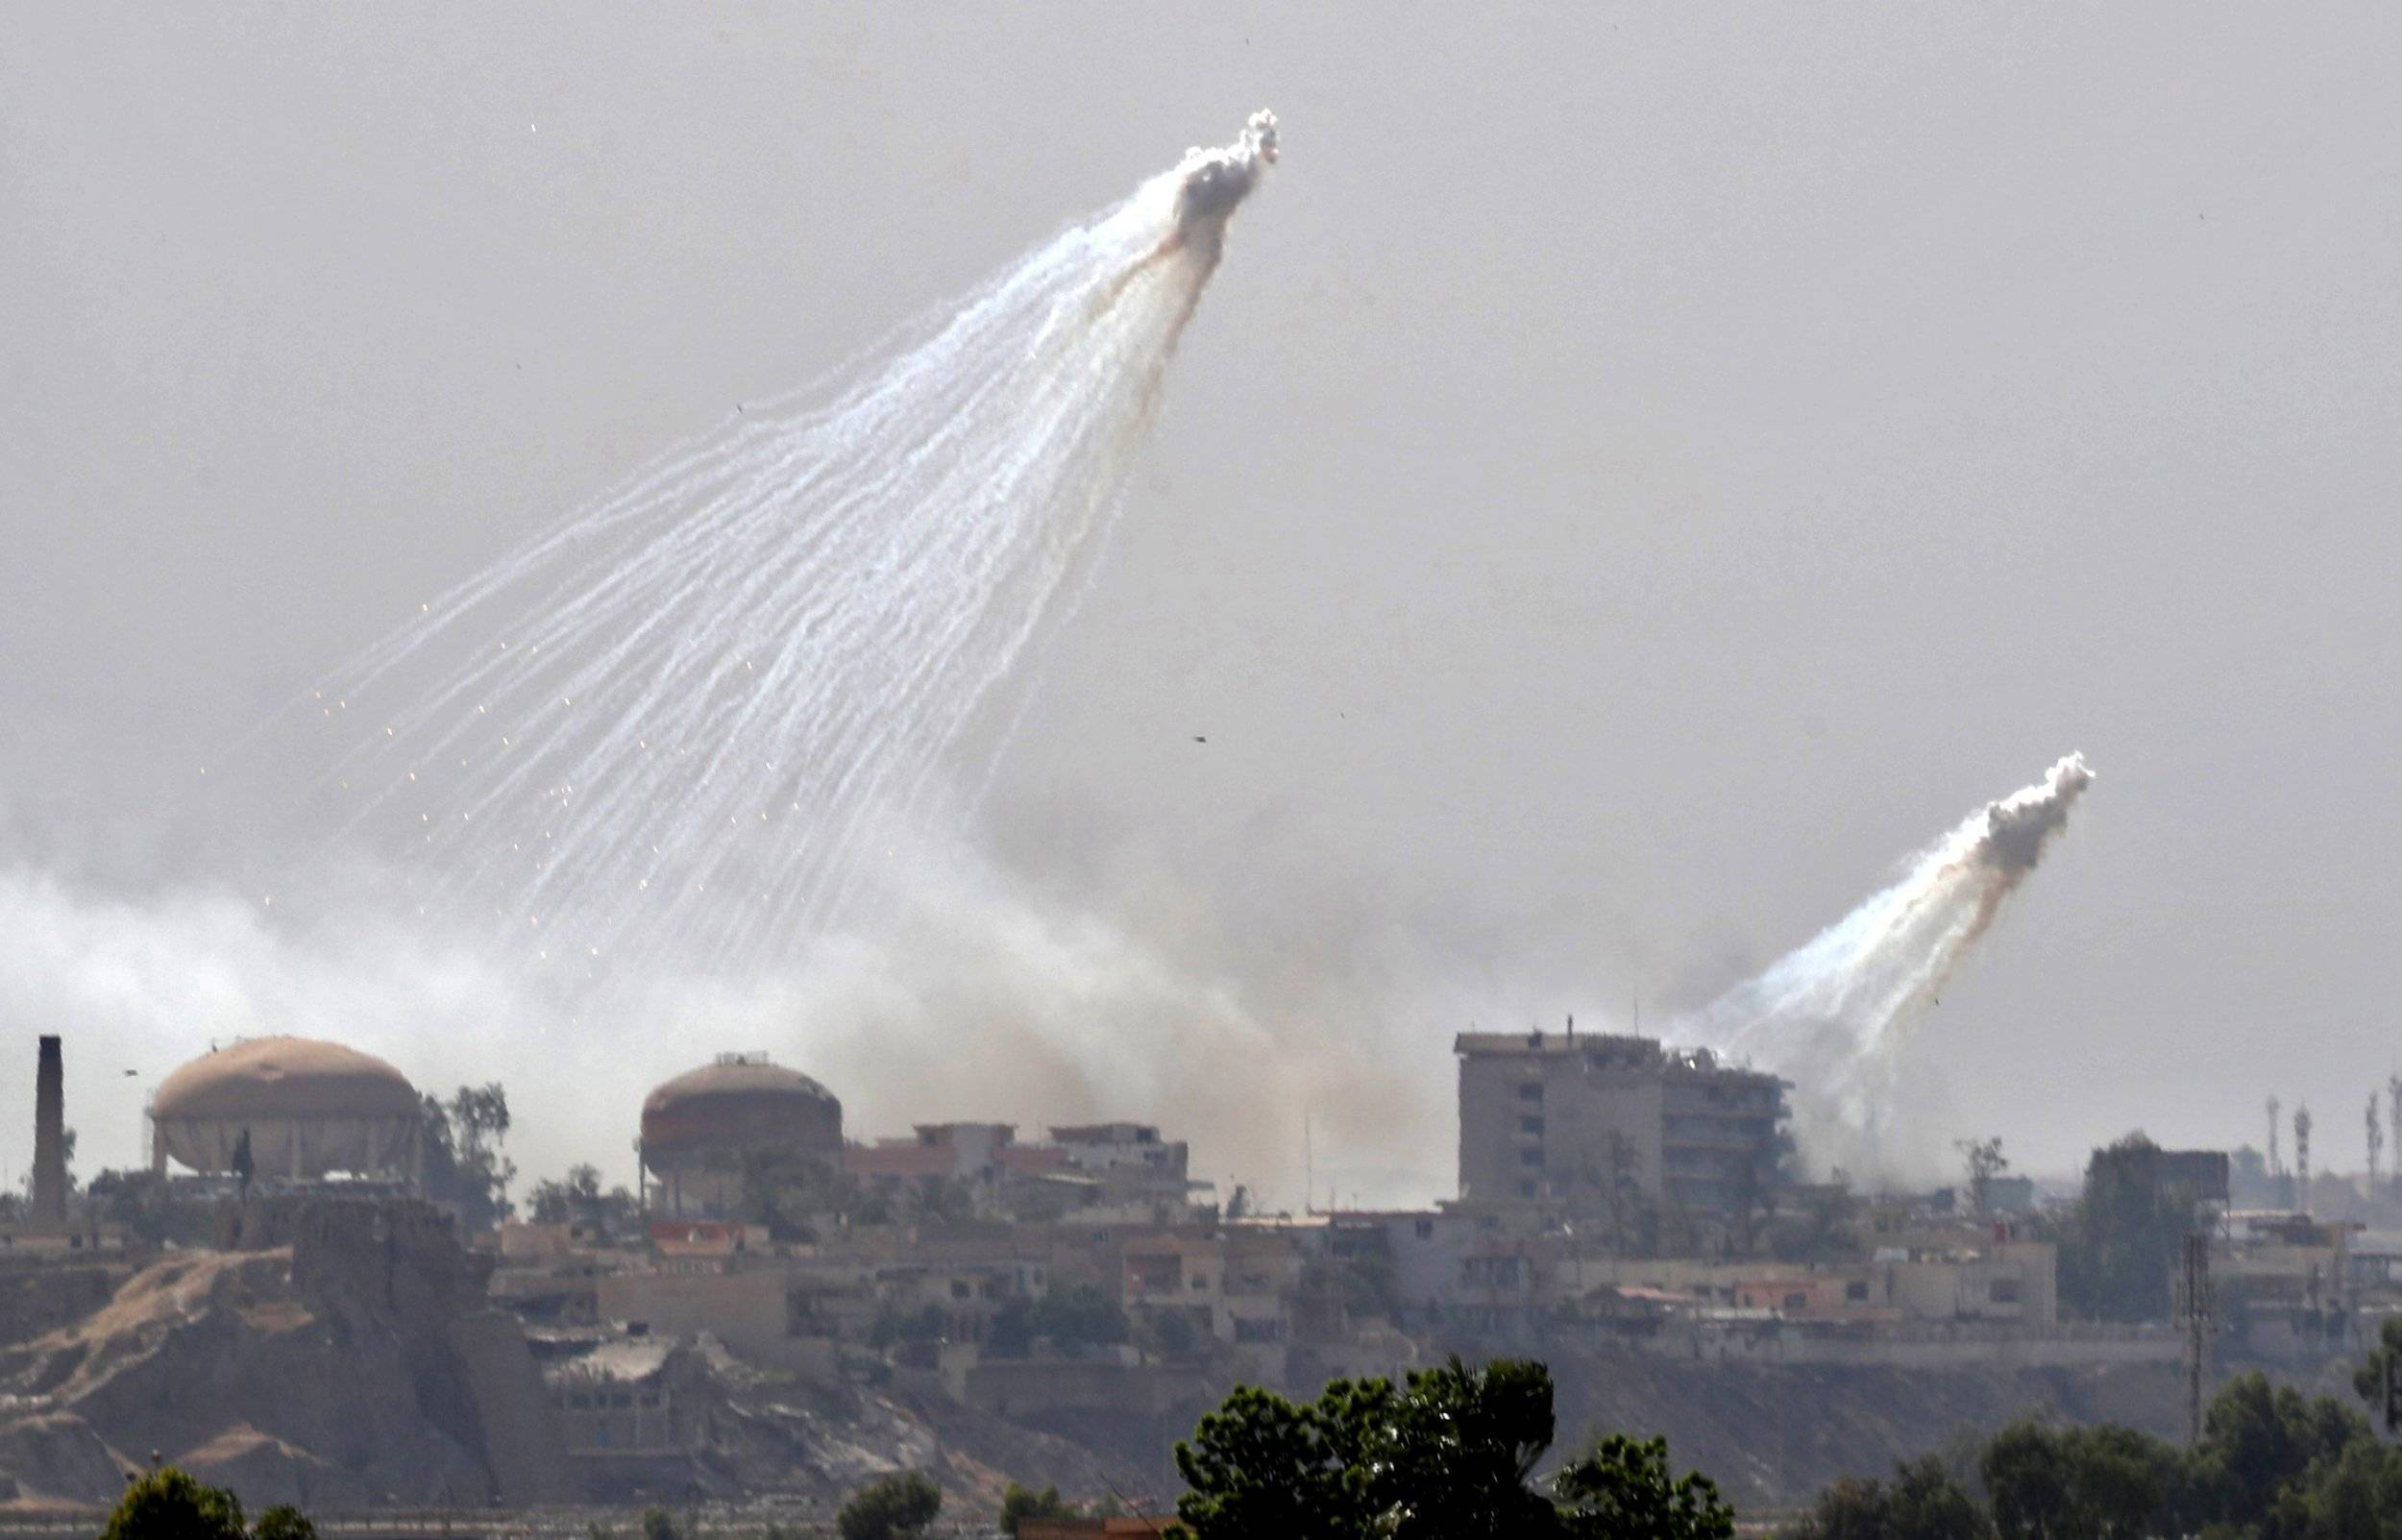 Фосфорная бомба: принцип действия и последствия. война и химия: применяют ли фосфорные бомбы на донбассе как горит белый фосфор